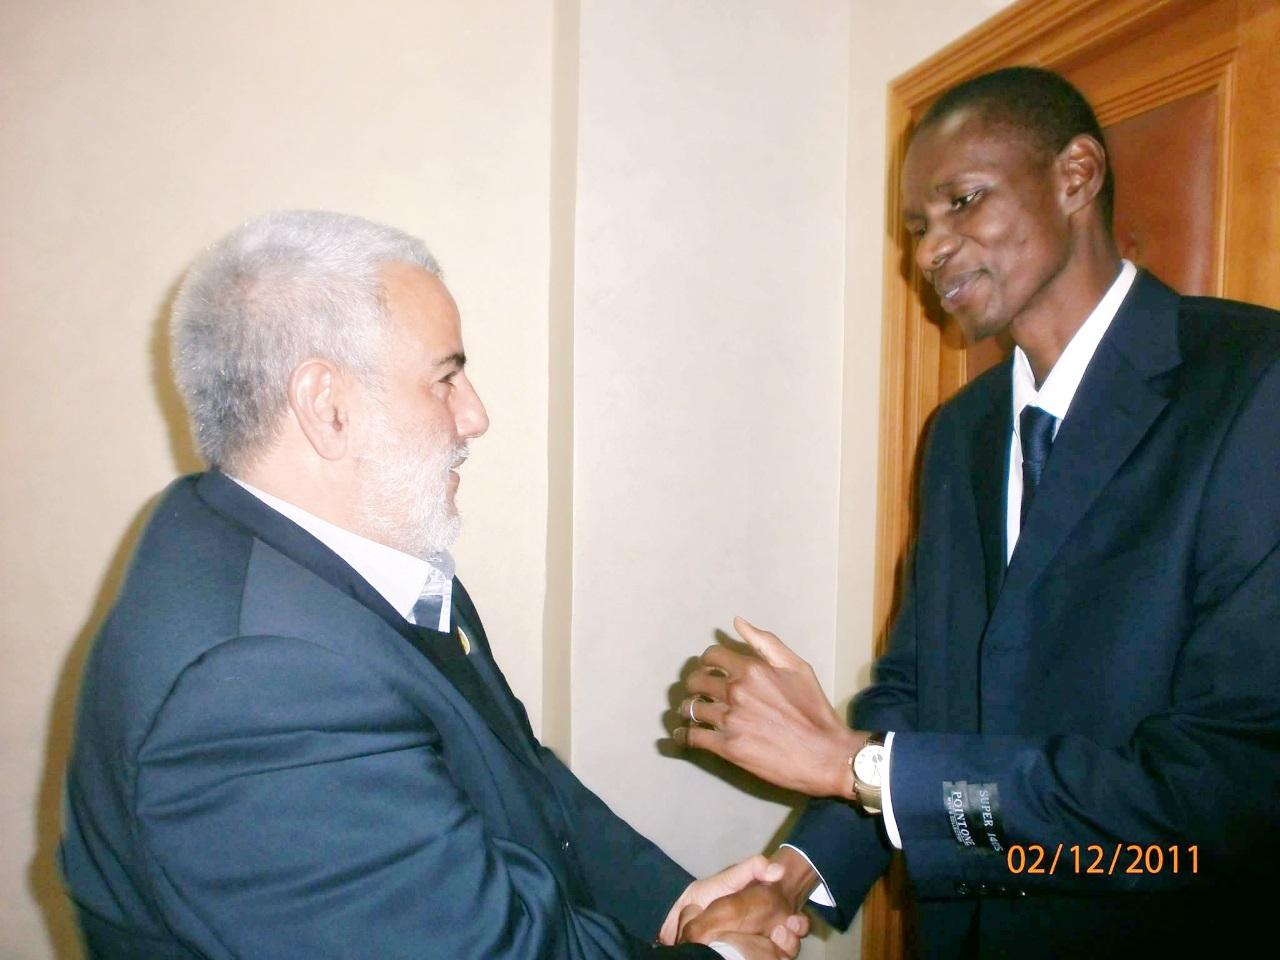 Mansour Ndiaye, Expert en microfinance, homme politique et humaniste : Un militant engagé pour la promotion de la finance inclusive comme moyen de réduction de la pauvreté des couches vulnérables et levier du développement économique.